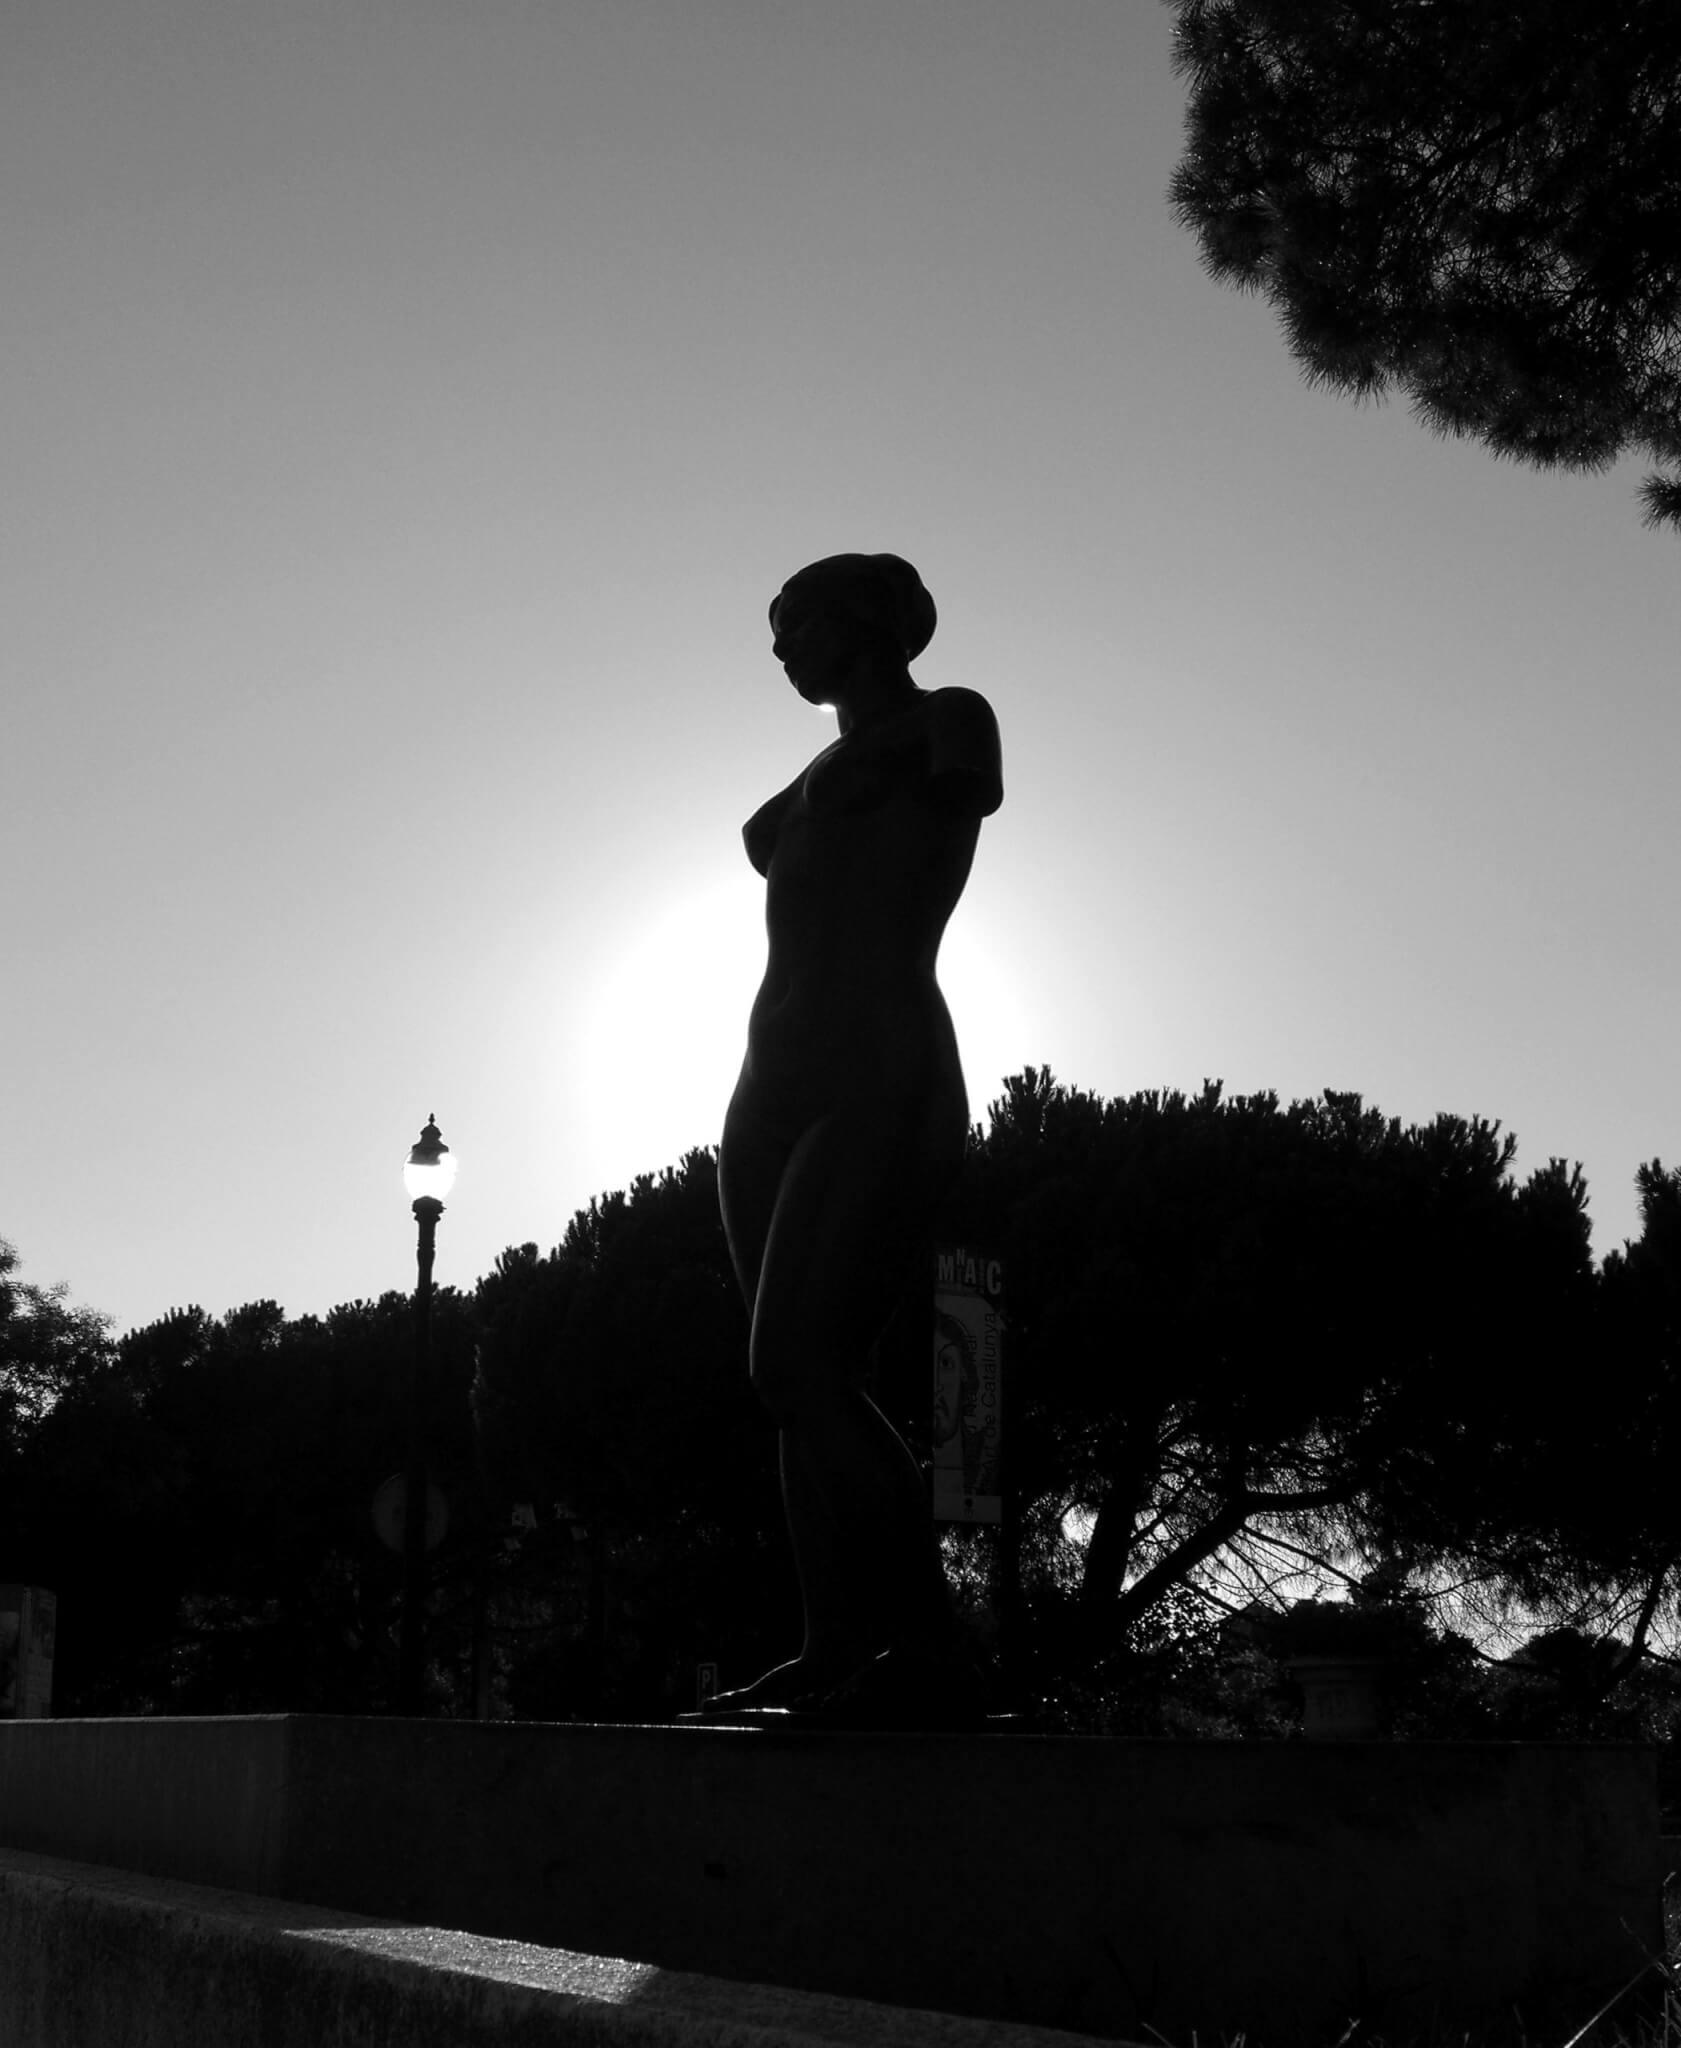 Estátua -Fotografia de Bruno César